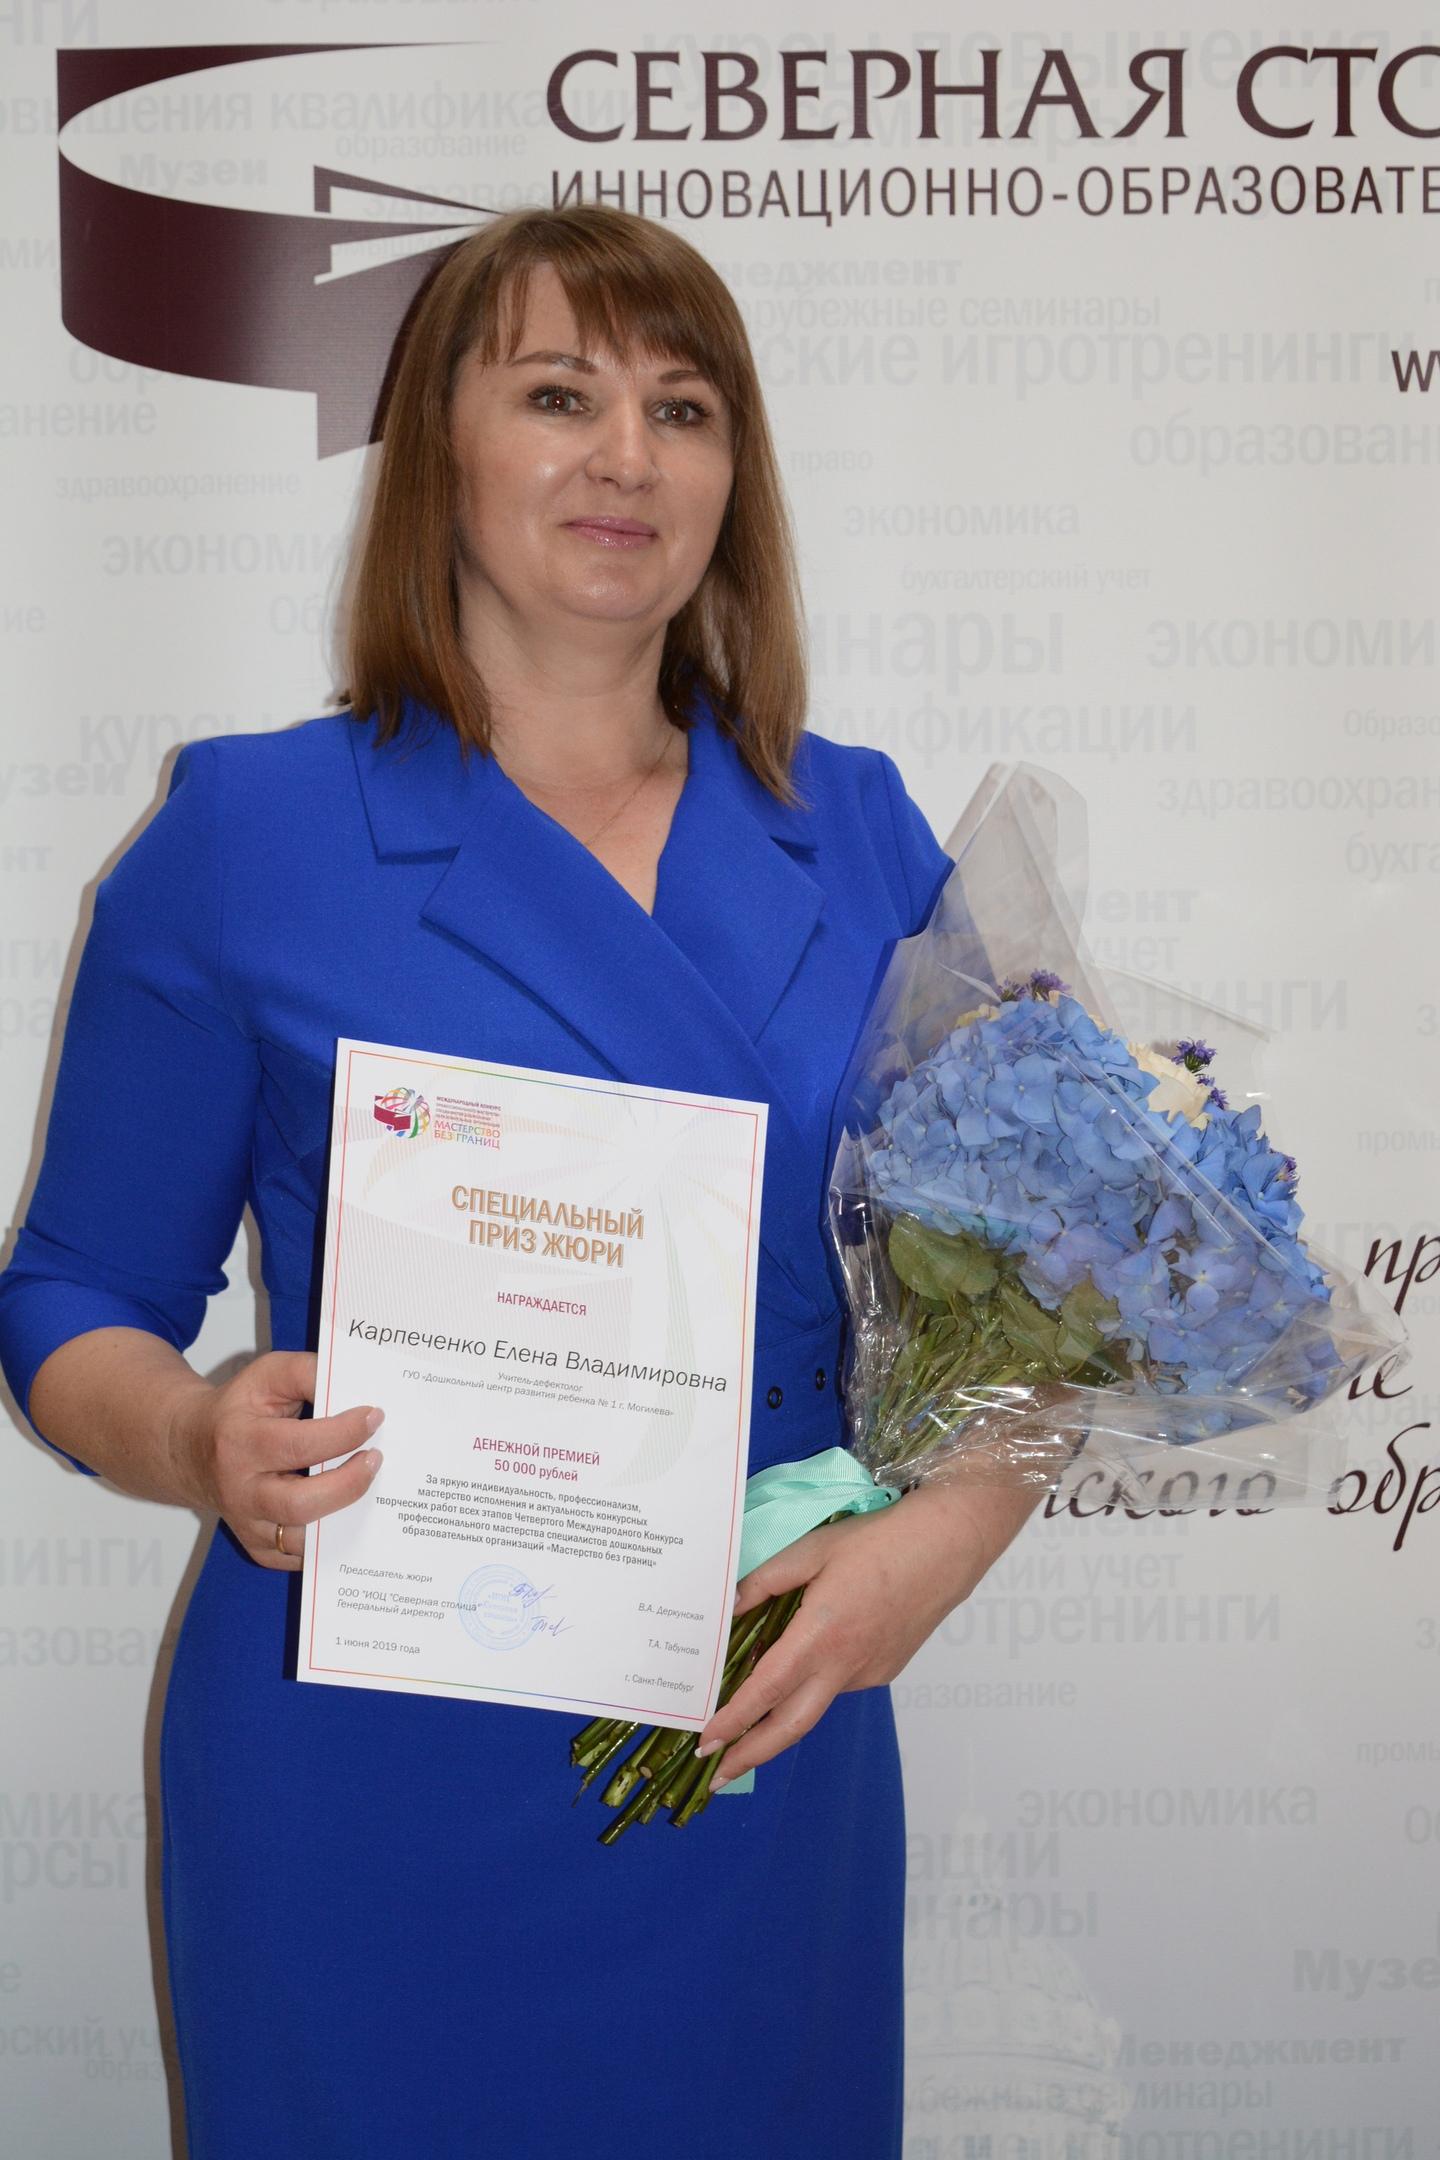 Приветствие Победителя IV Международного Конкурса профессионального мастерства специалистов дошкольных образовательных организаций стран СНГ «Мастерство без границ»